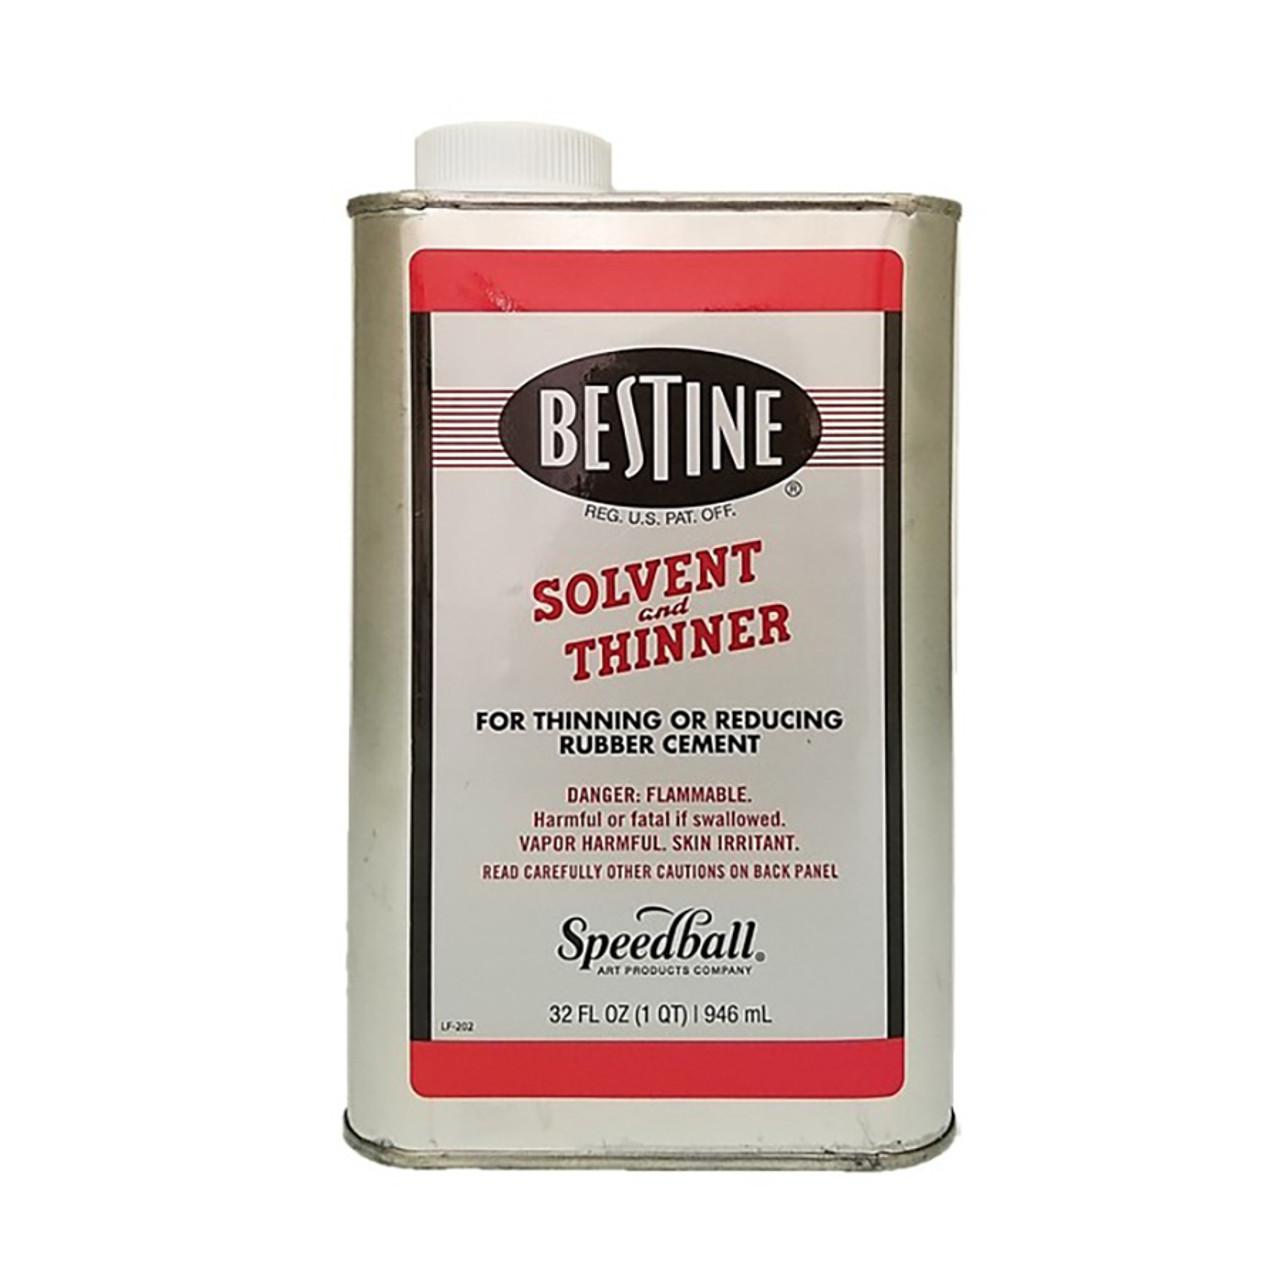 Best-Test Bestine Rubber Cement Thinner